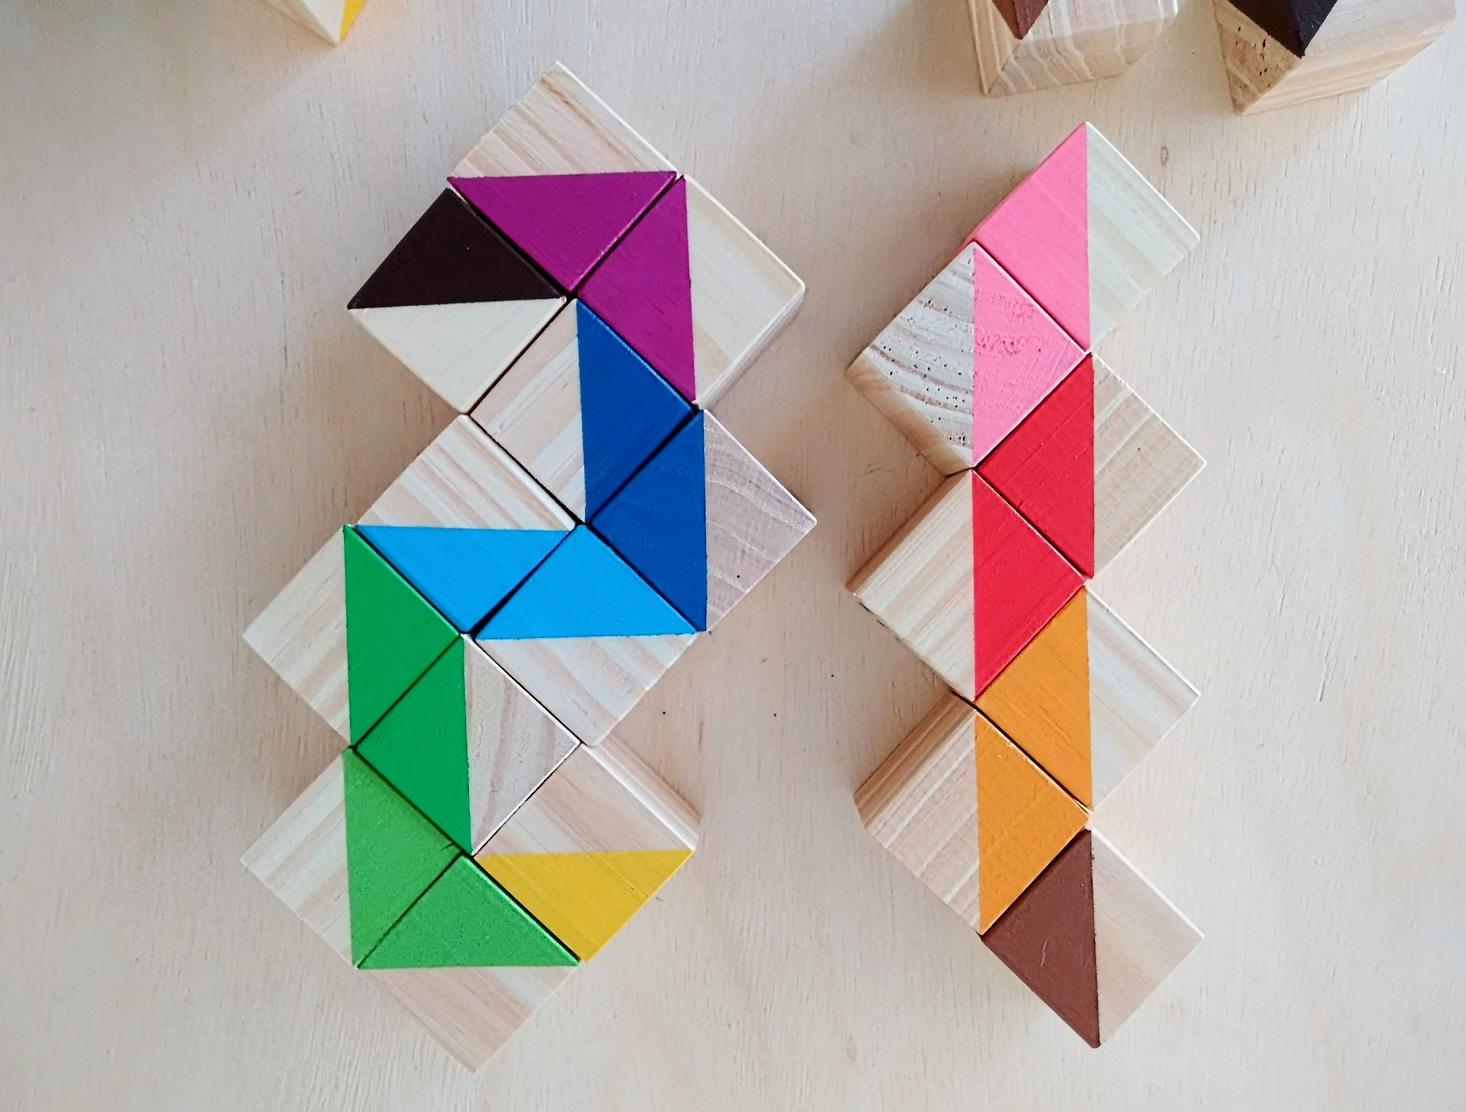 Segundo Saco de Cores Montessori (similar), com 24 Cubos Coloridos, da Cute Cubes - Cód. CC303